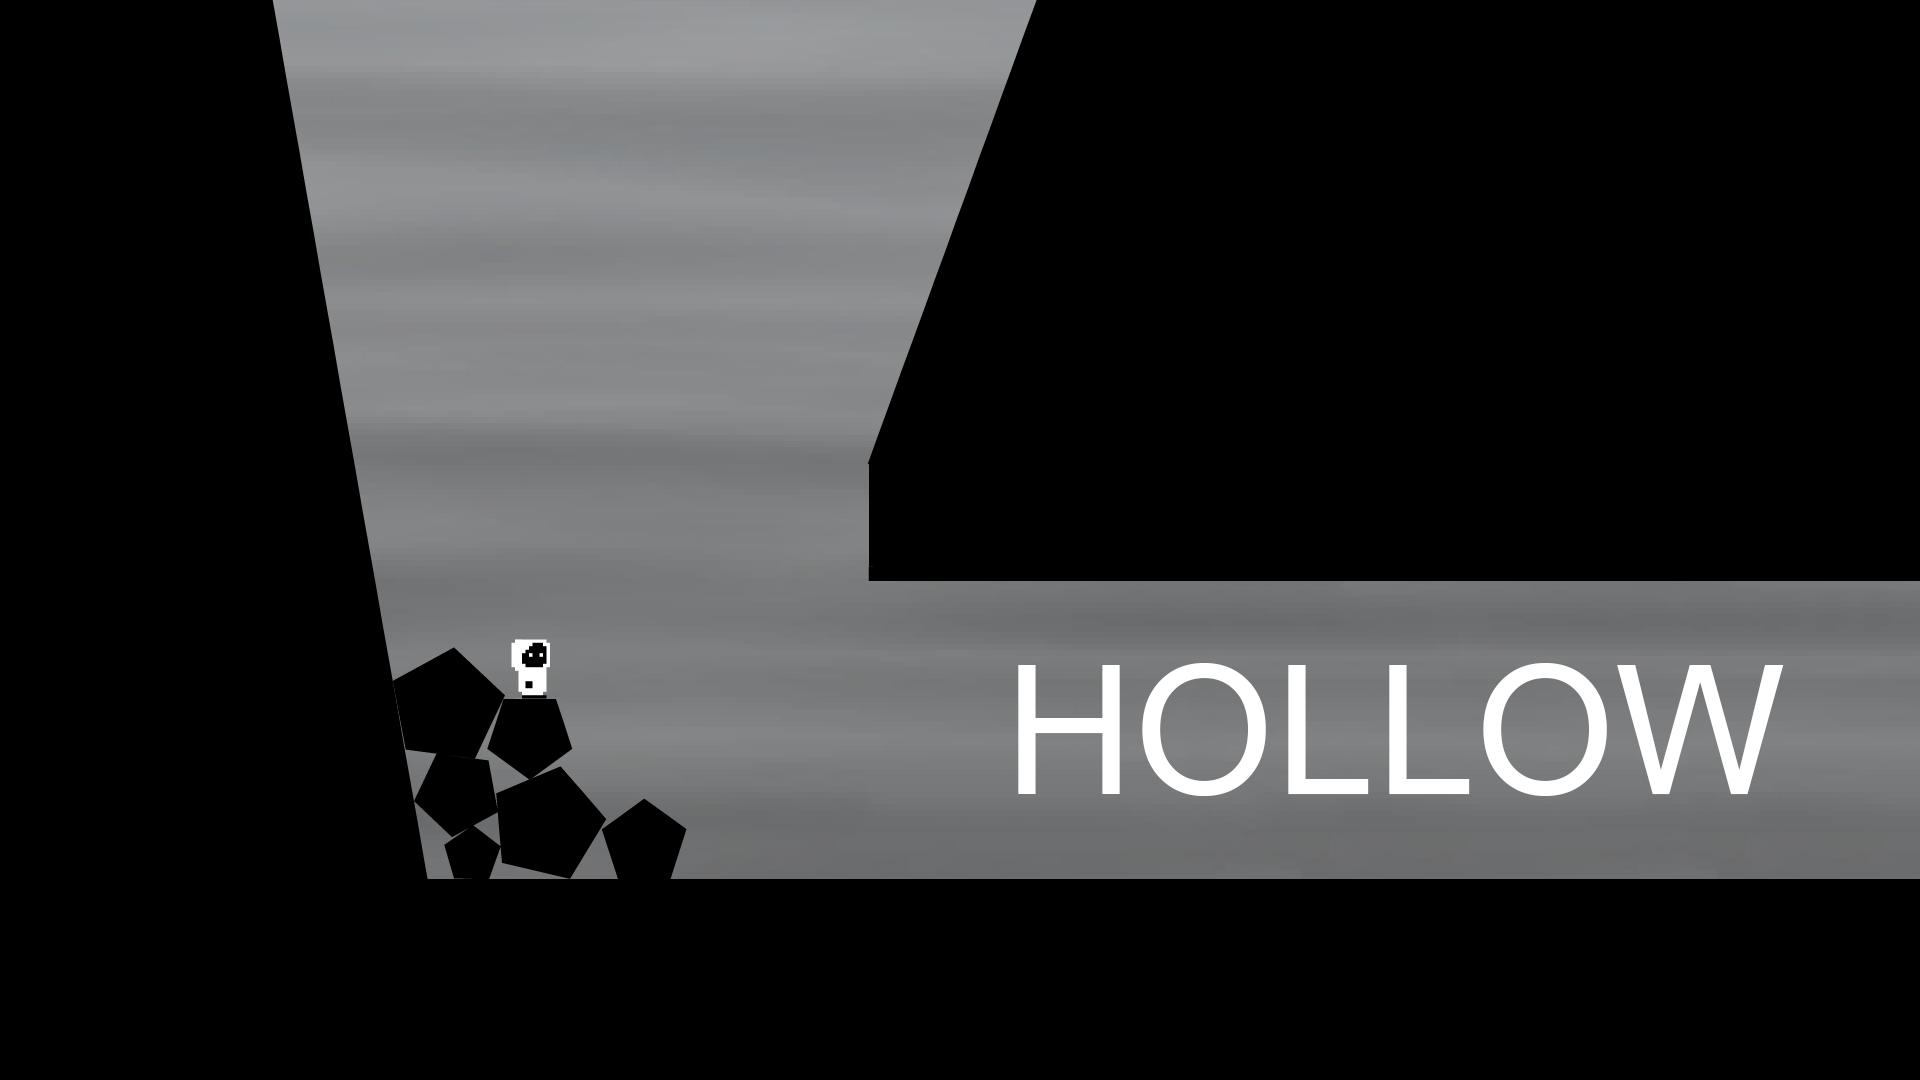 Hollow_Splash.png